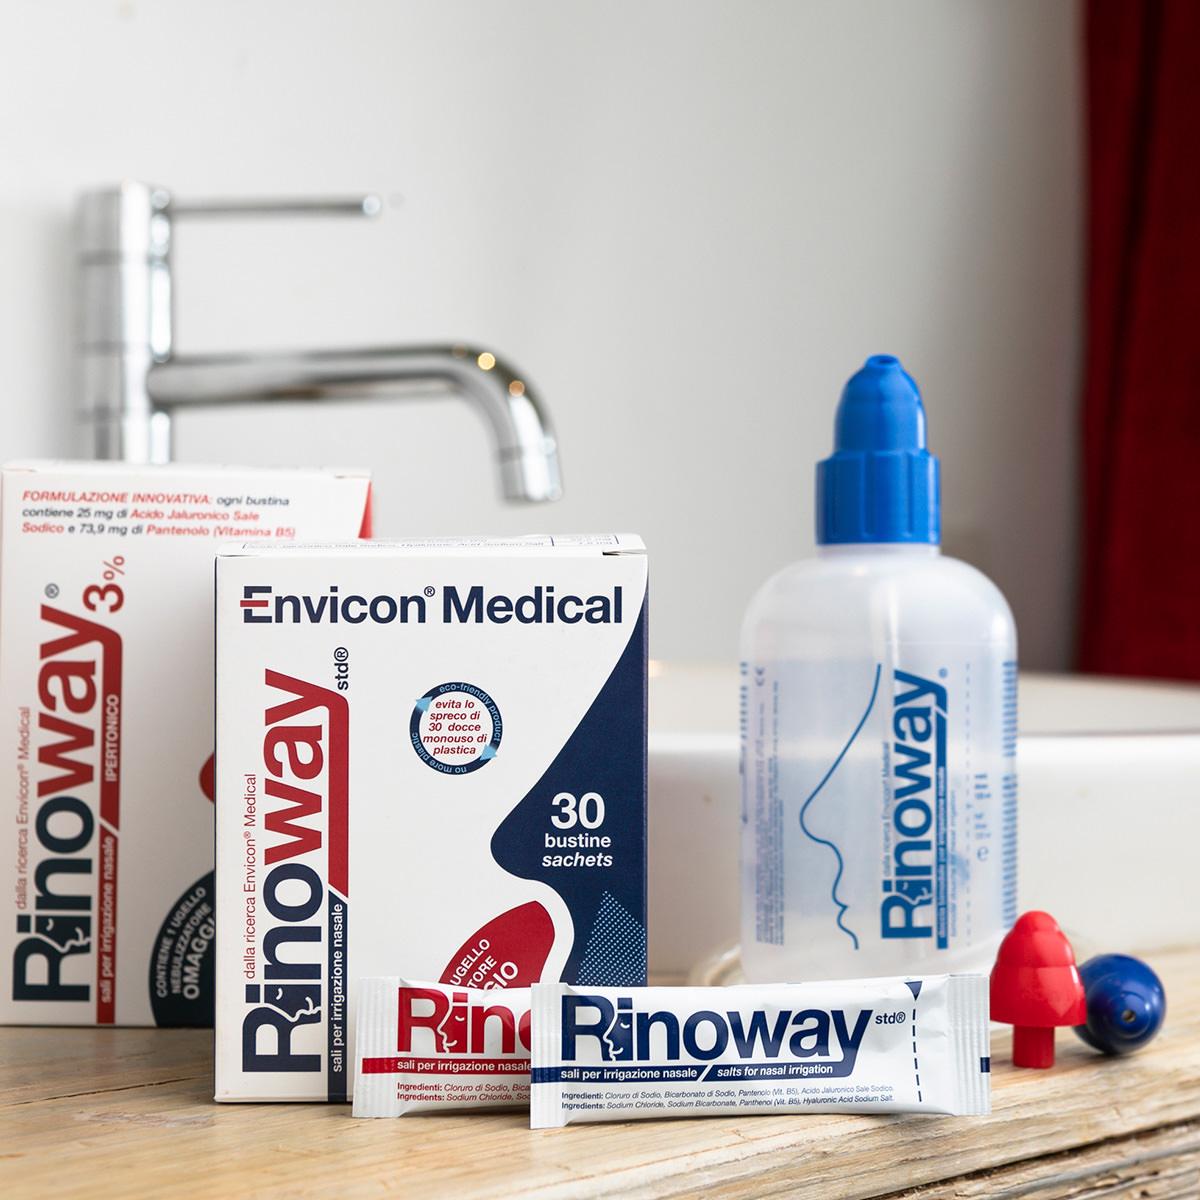 kit-rinoway-lavaggi-nasali-Envicon Medical-amb